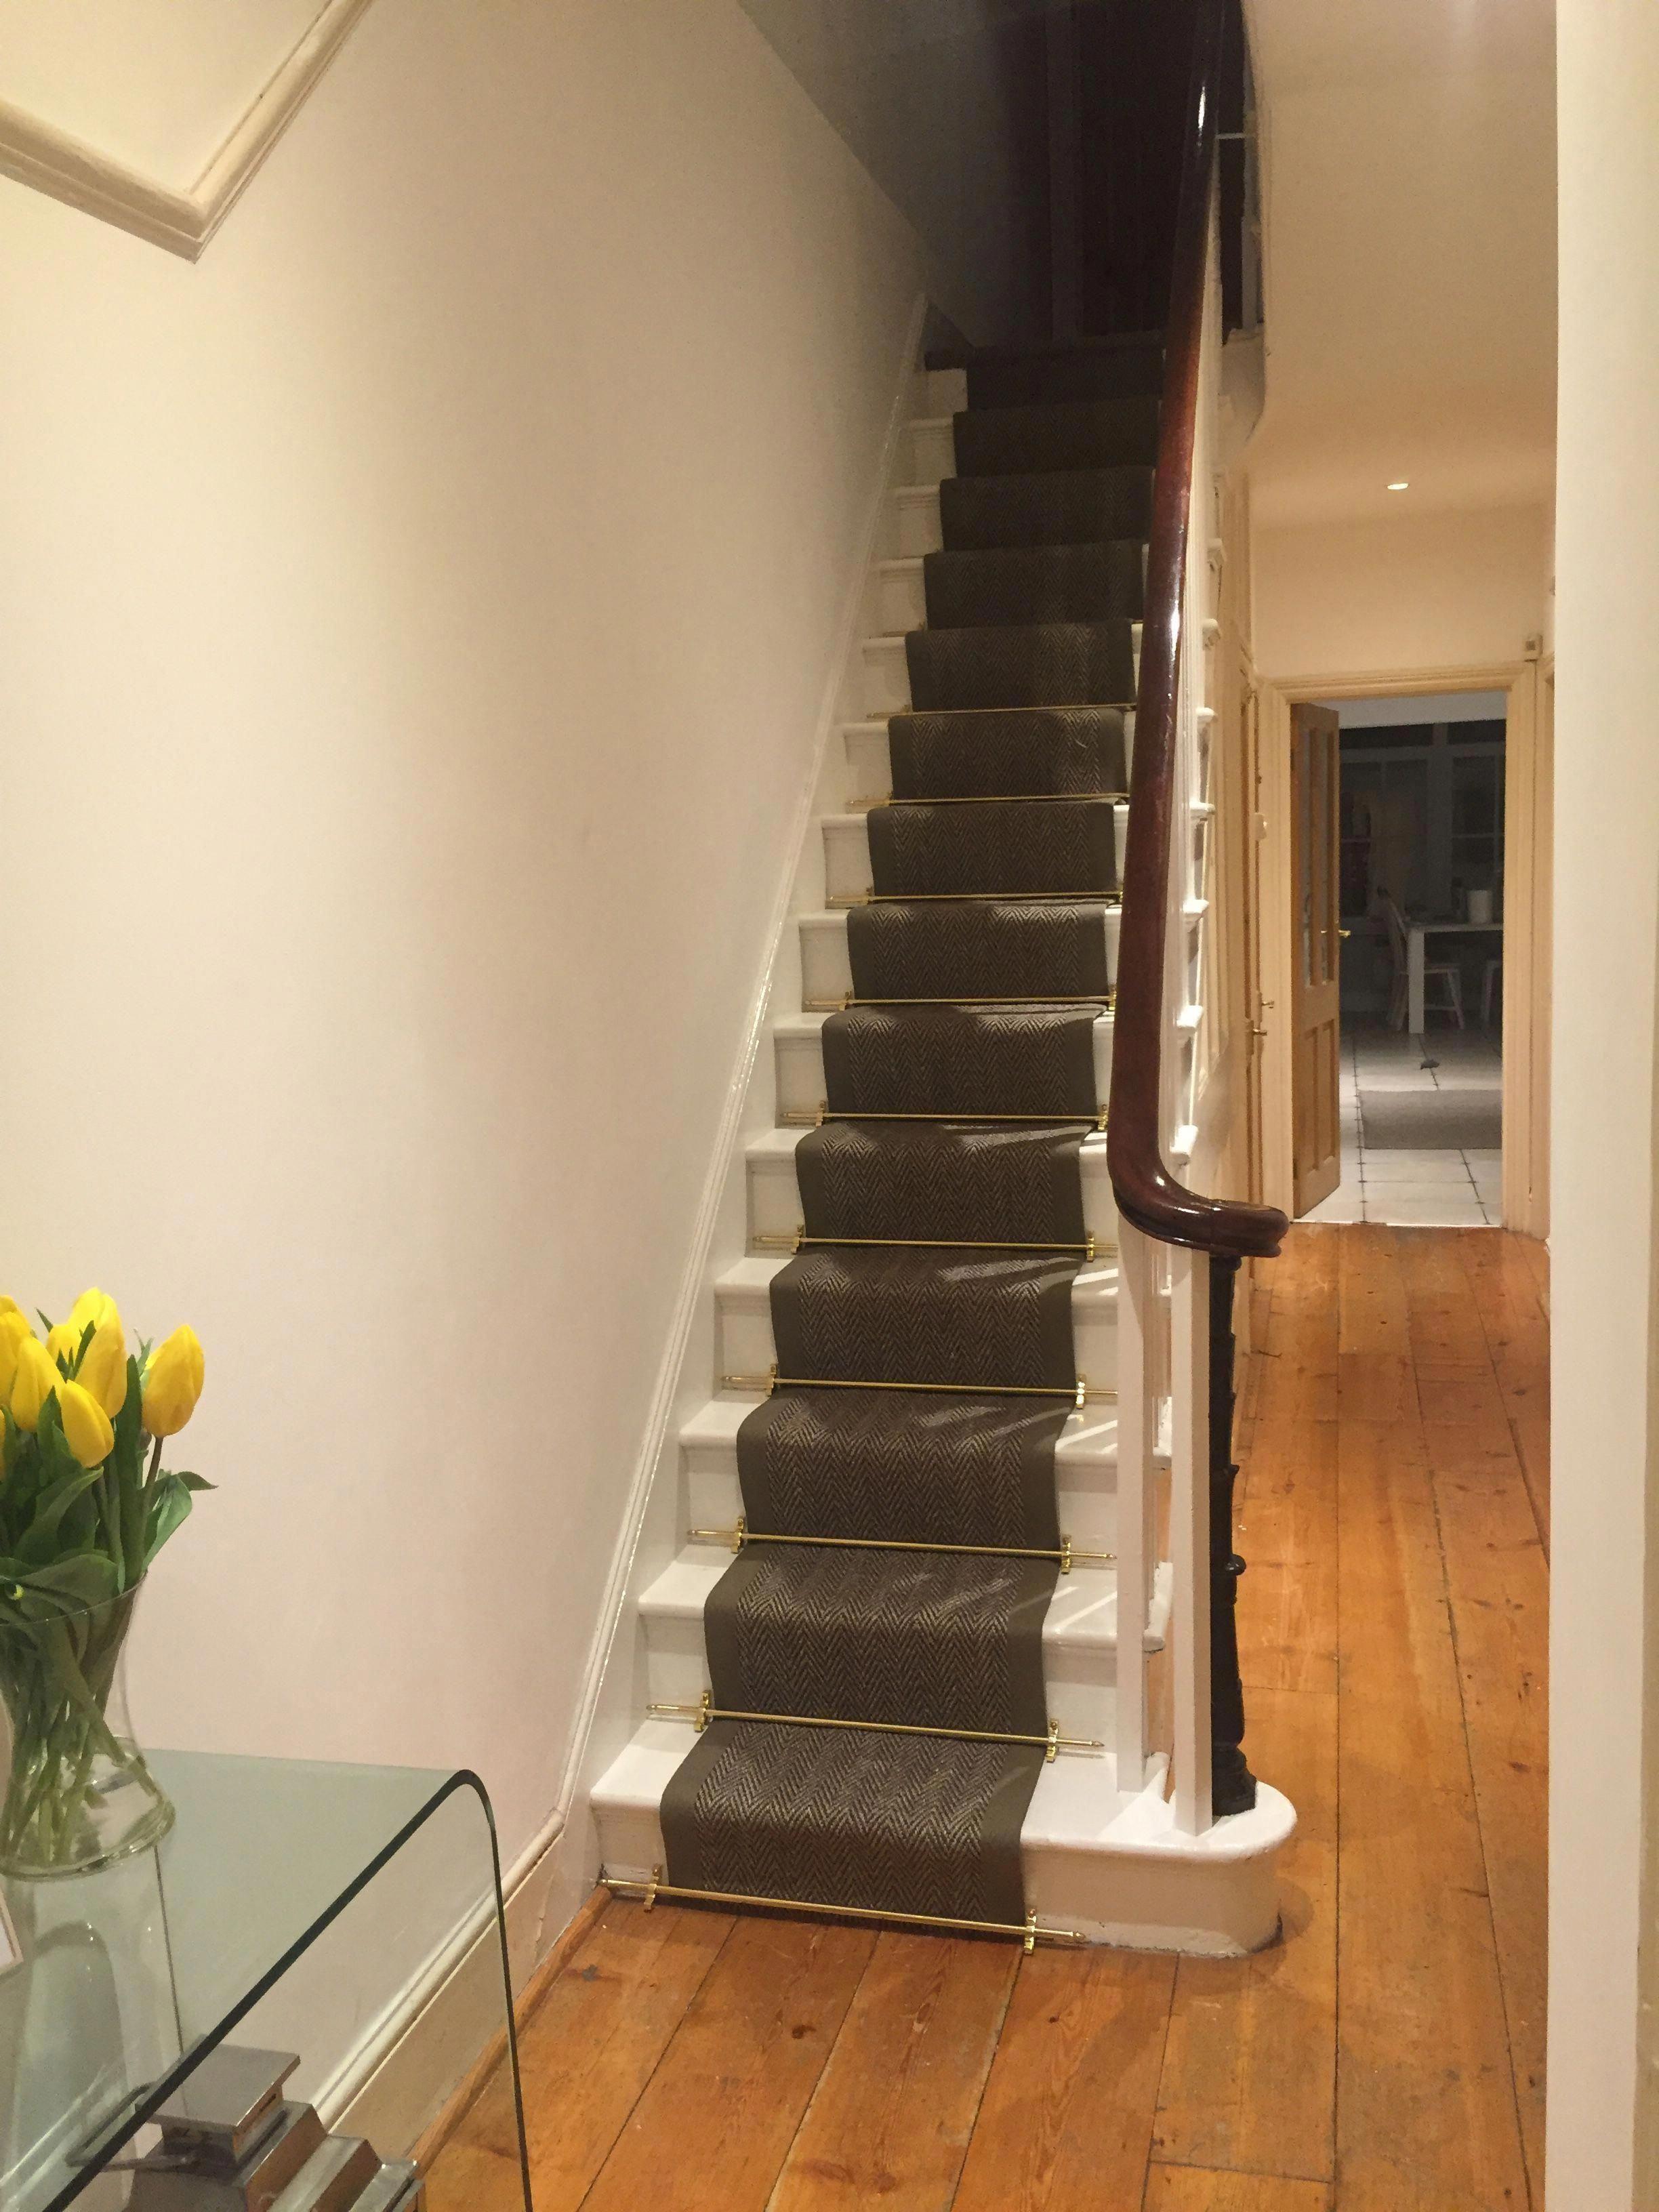 Best Carpet Runners Hallways Lowes Carpetstairrunnerslowes Carpetsforlivingroom With Images 400 x 300